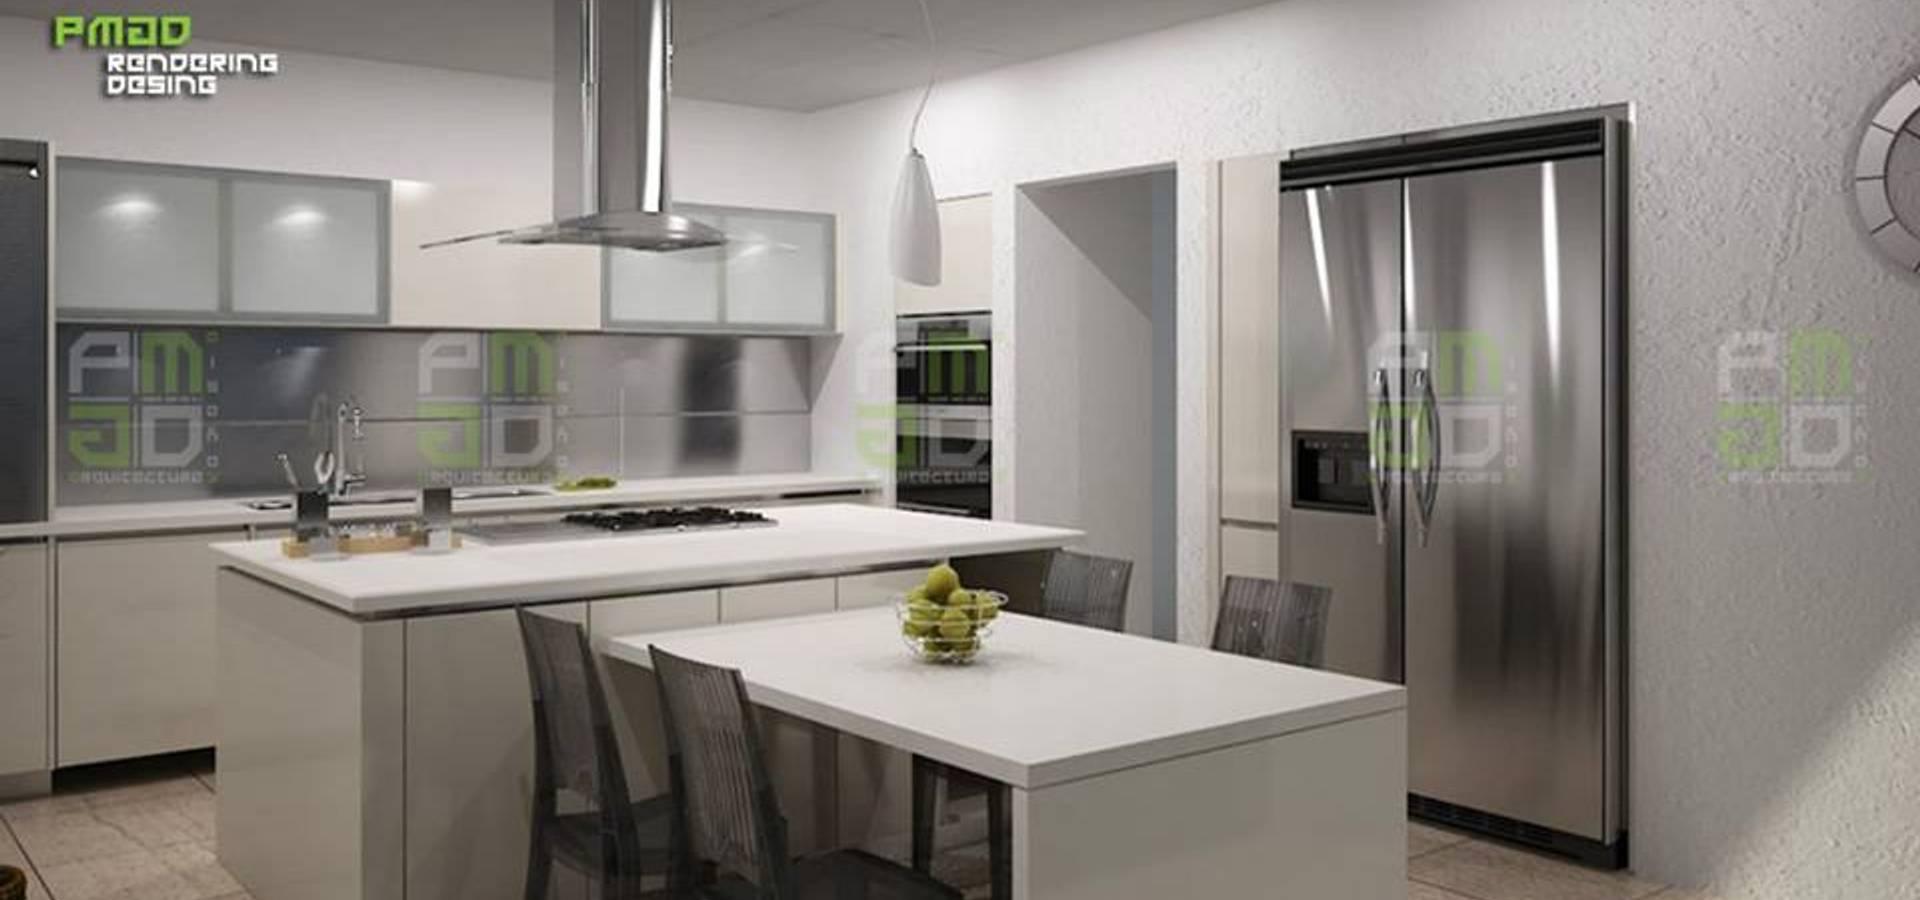 Cocinas y muebles para closet realizados de pm for Proyectos de cocina easy